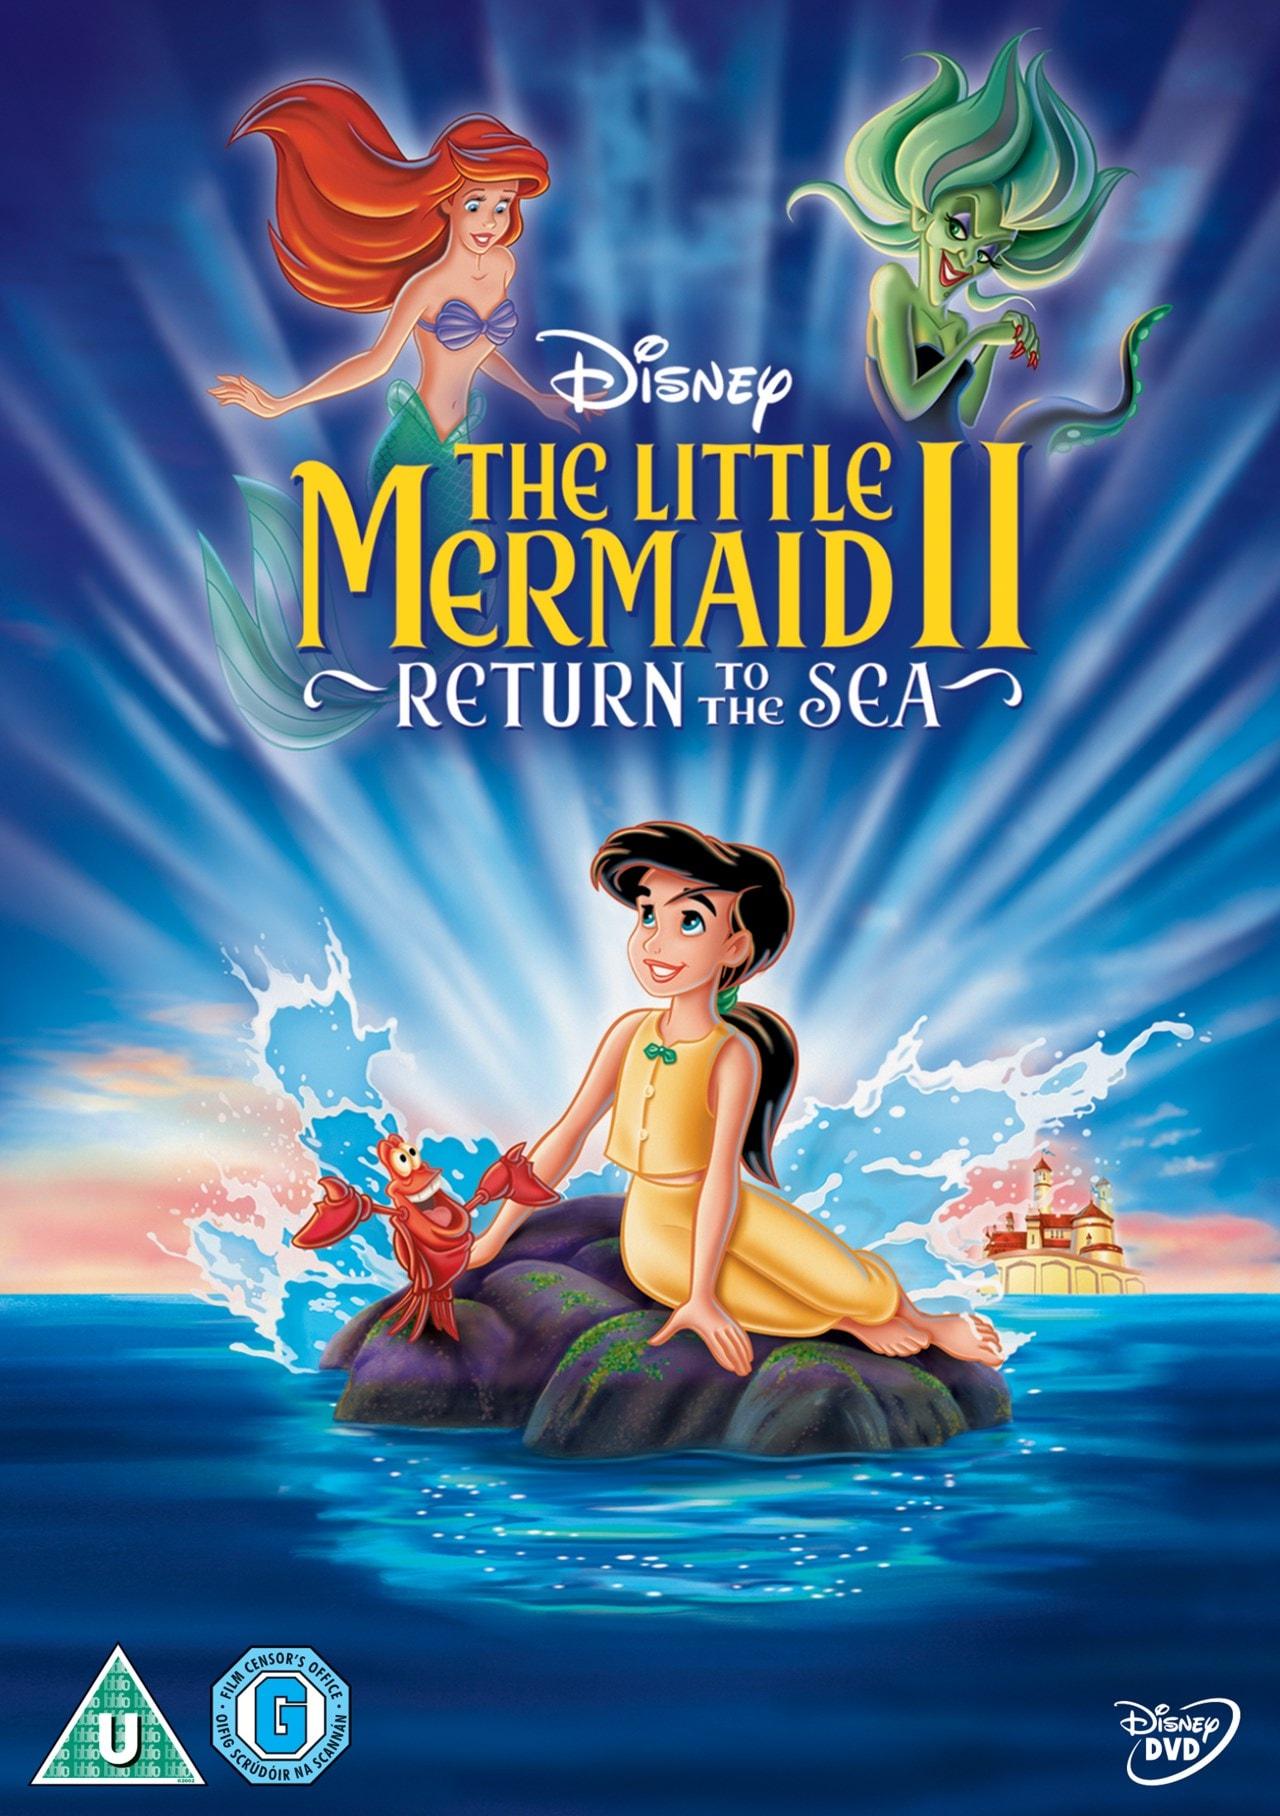 The Little Mermaid II - Return to the Sea - 1